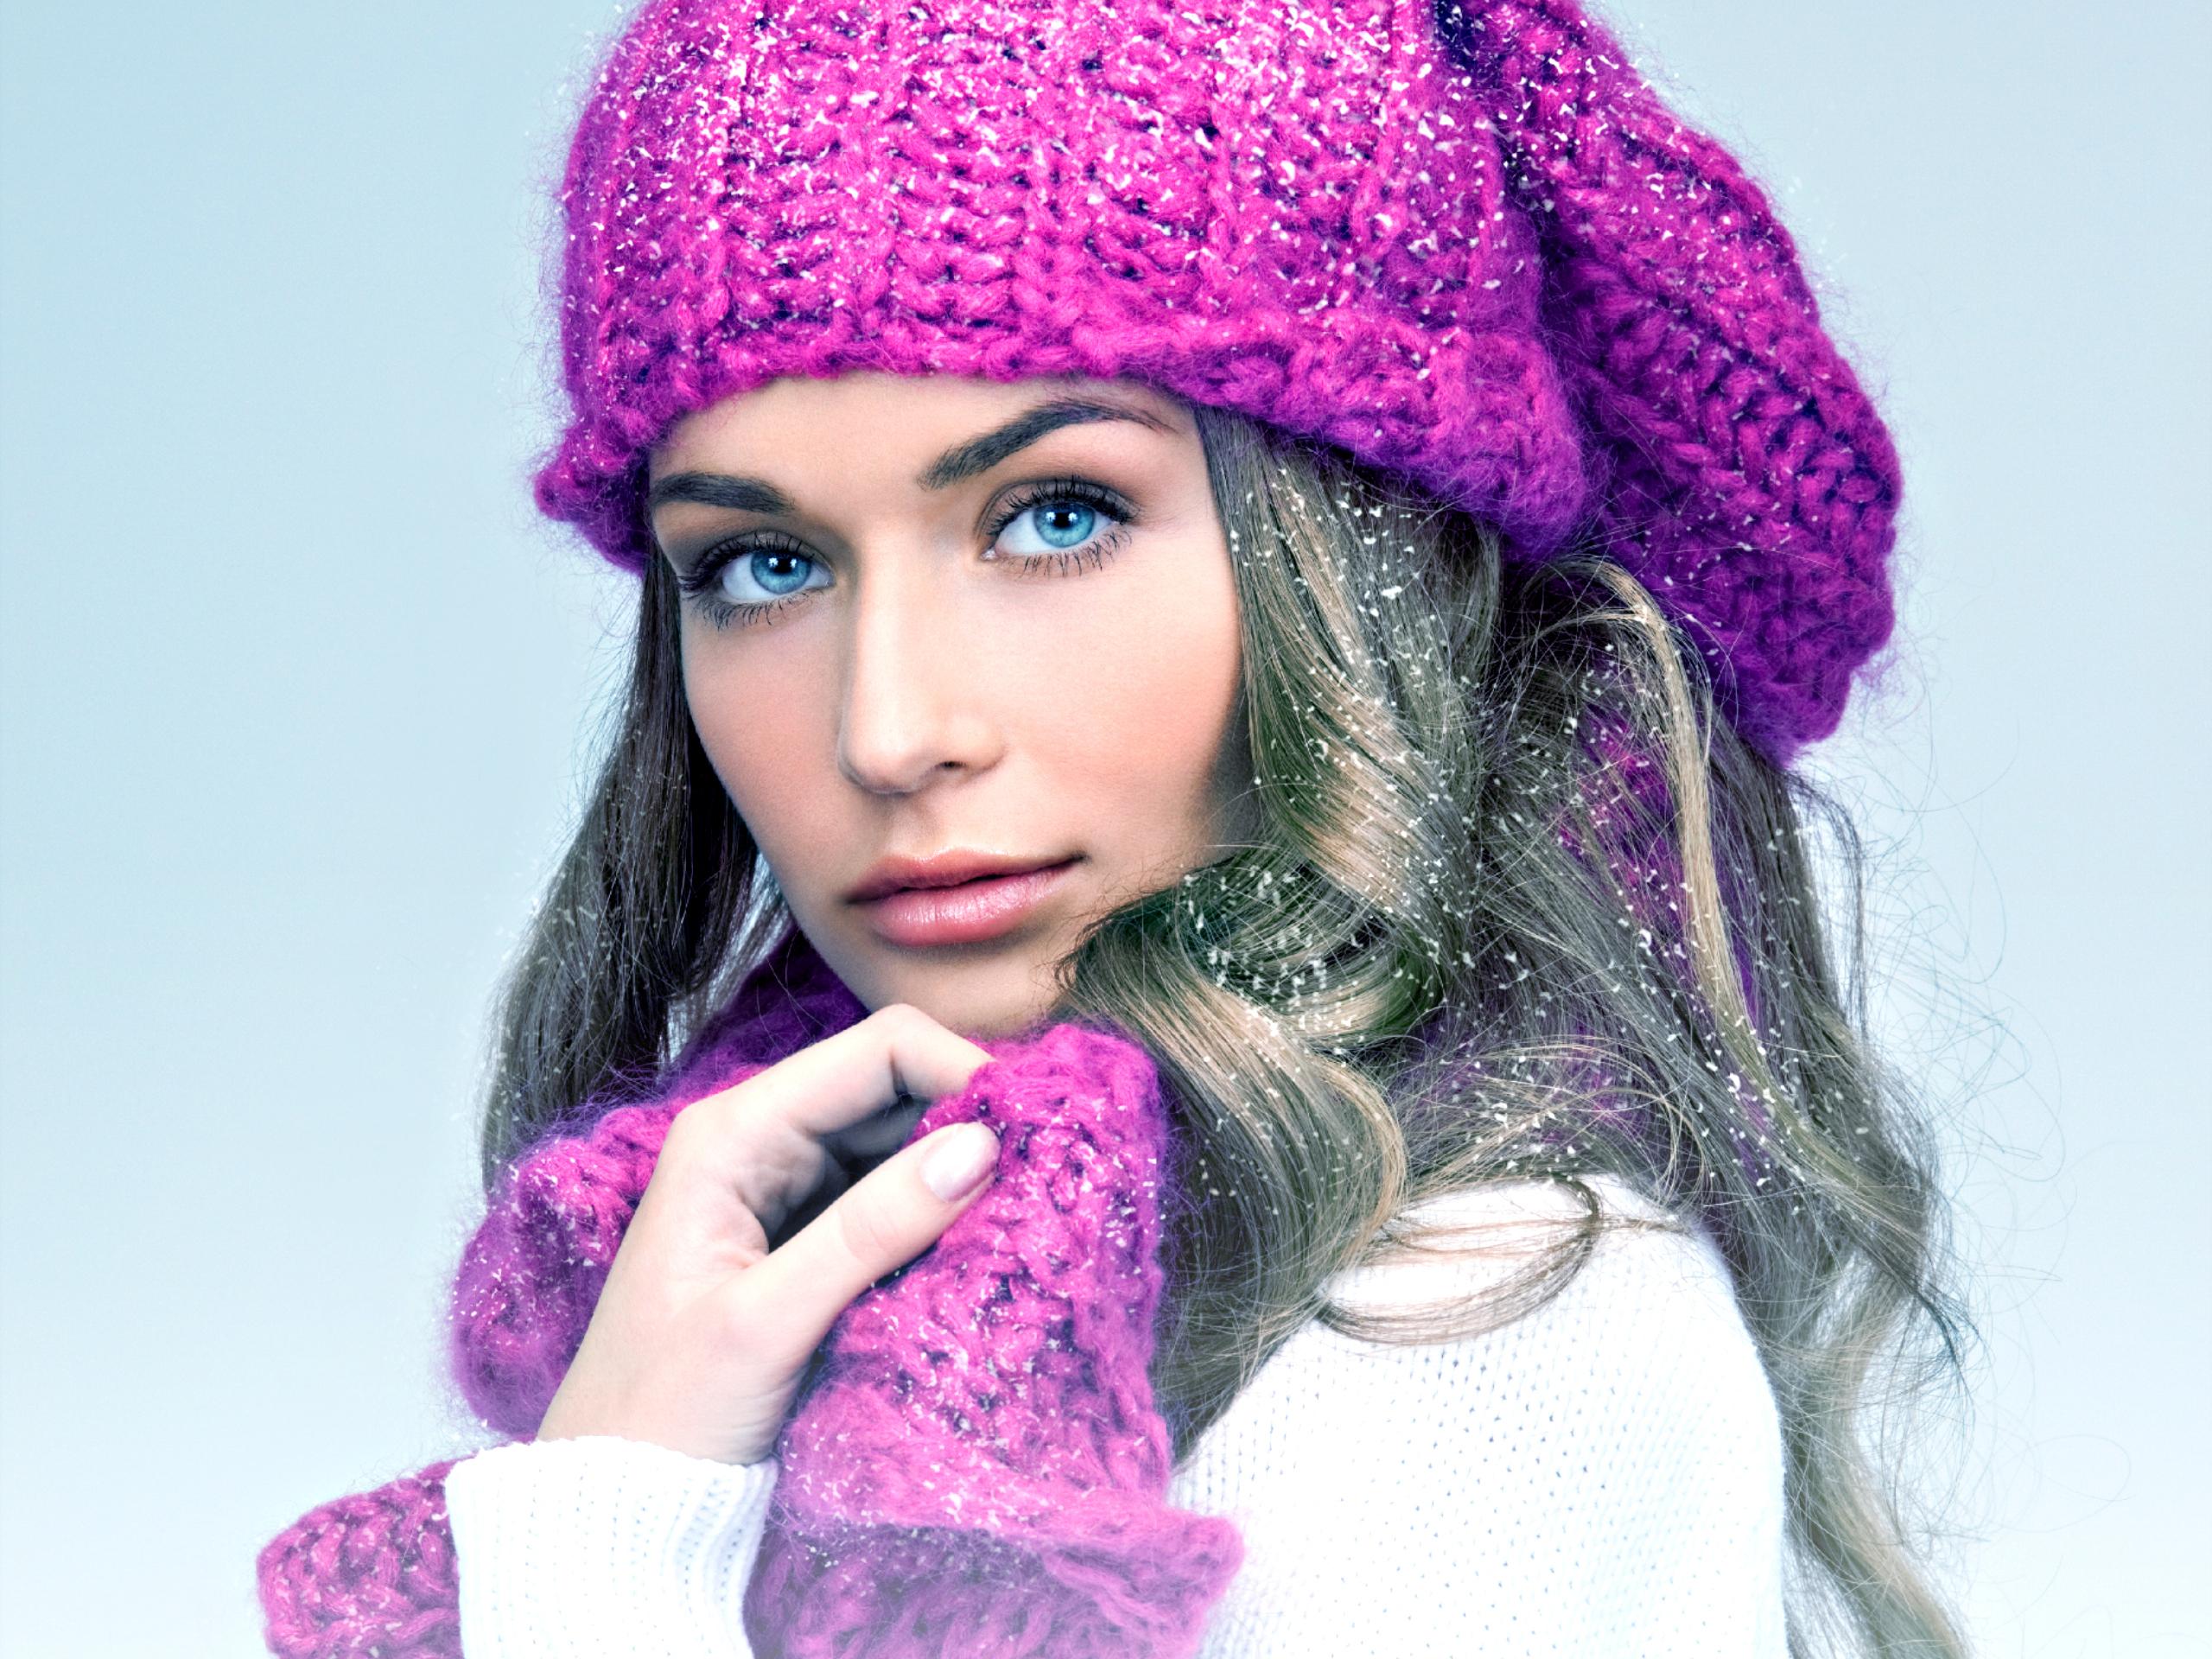 Фото девушка в шапочке 11 фотография